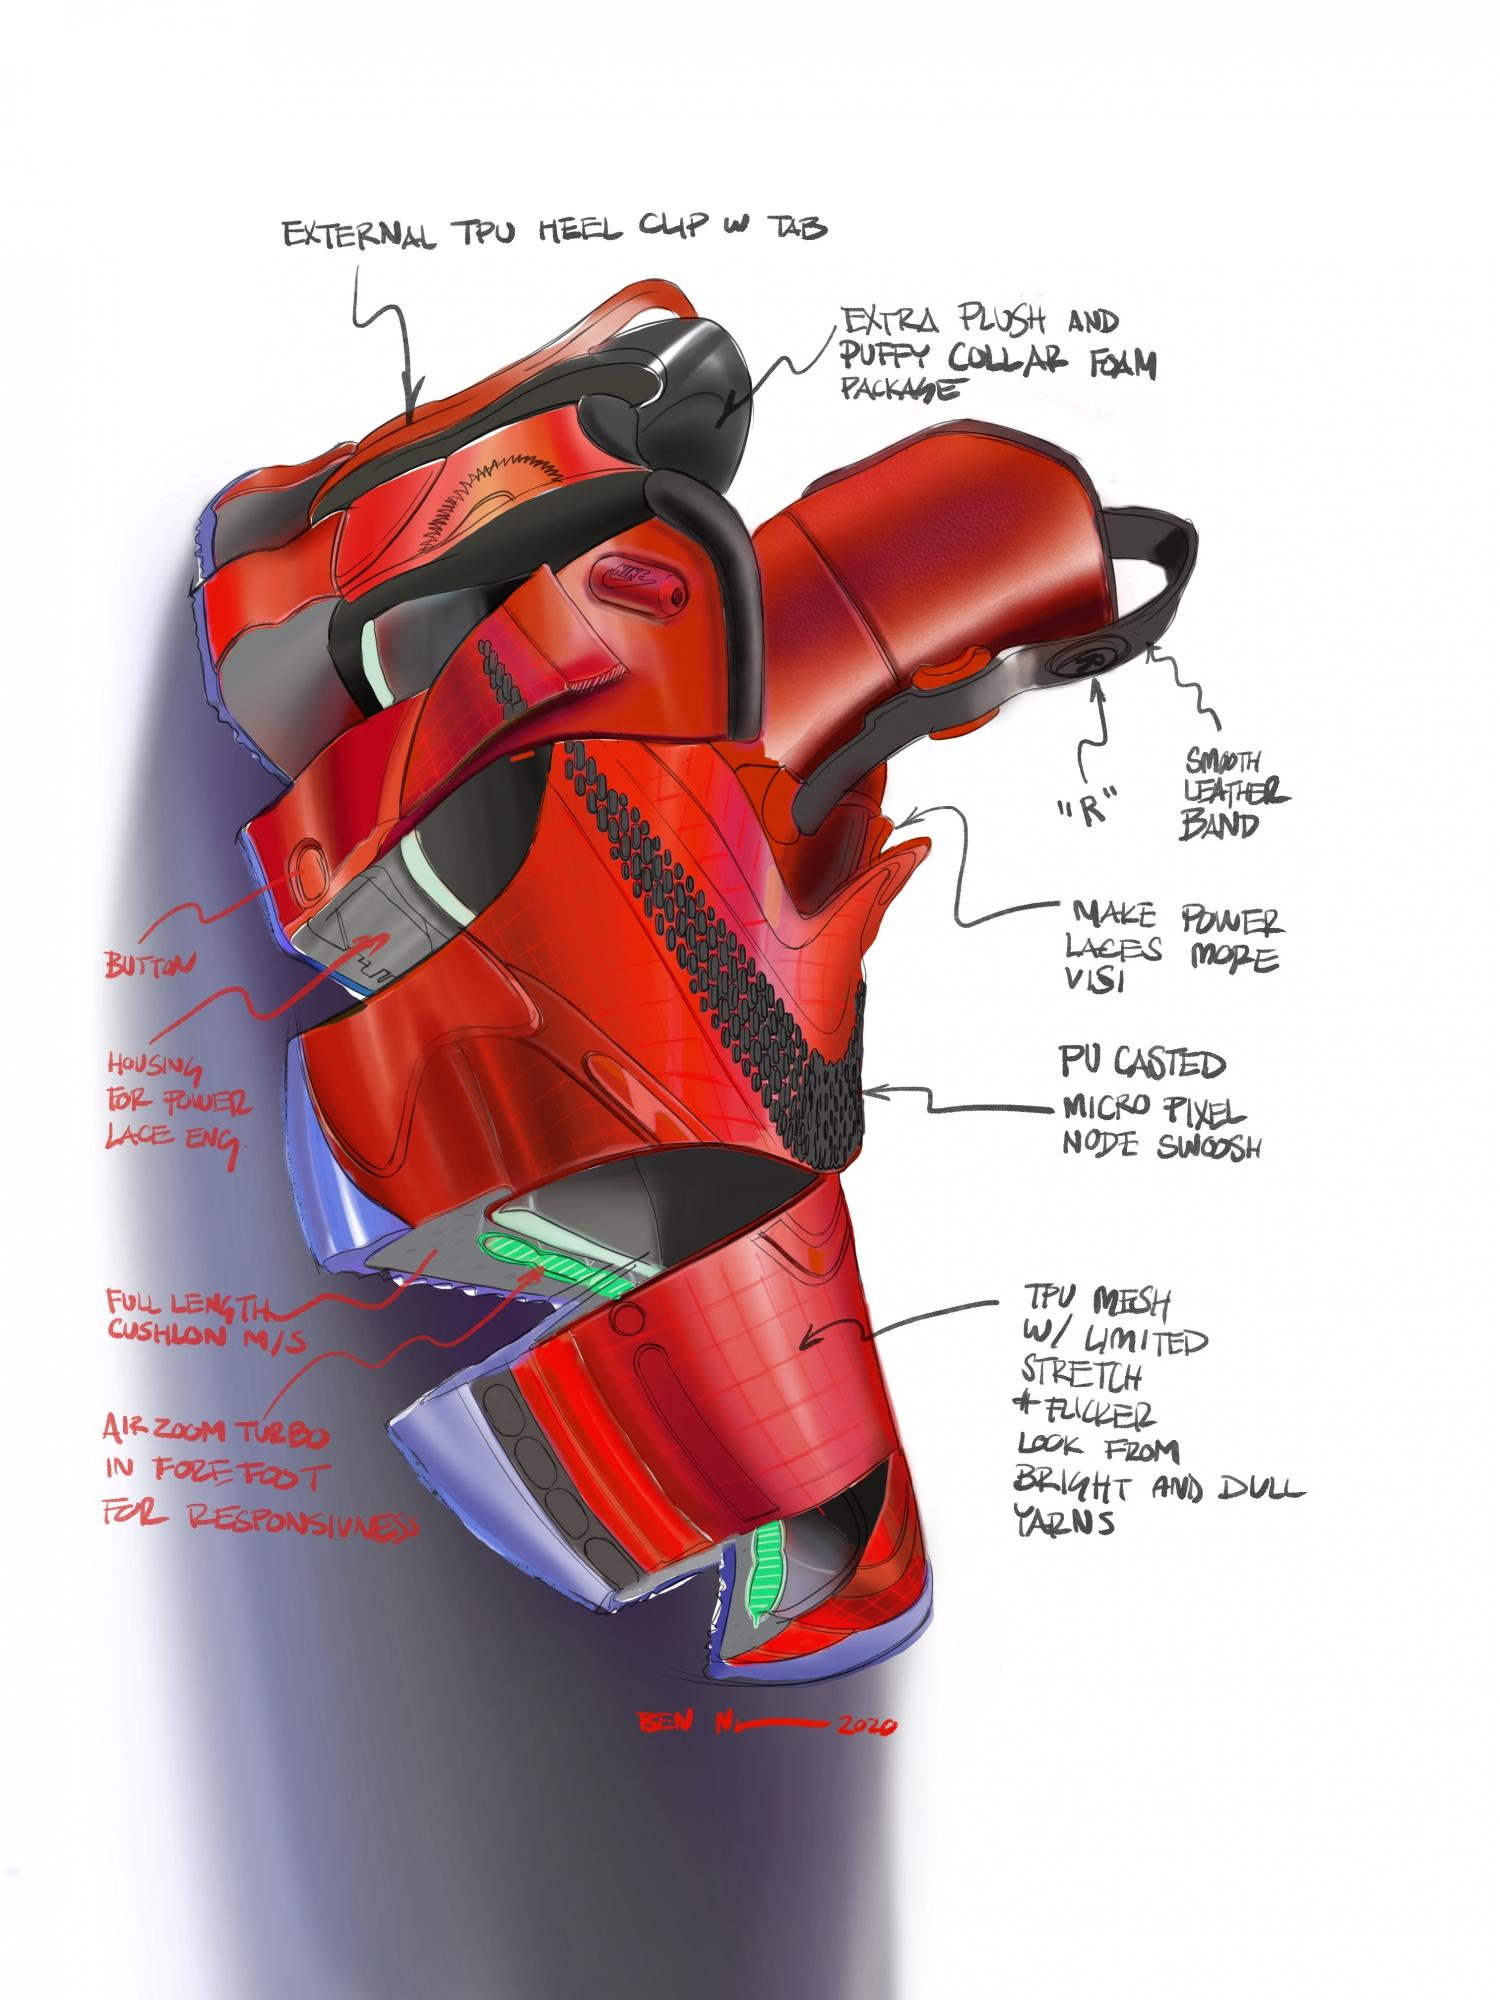 Nike представила второе поколение умных кроссовок Adapt BB3